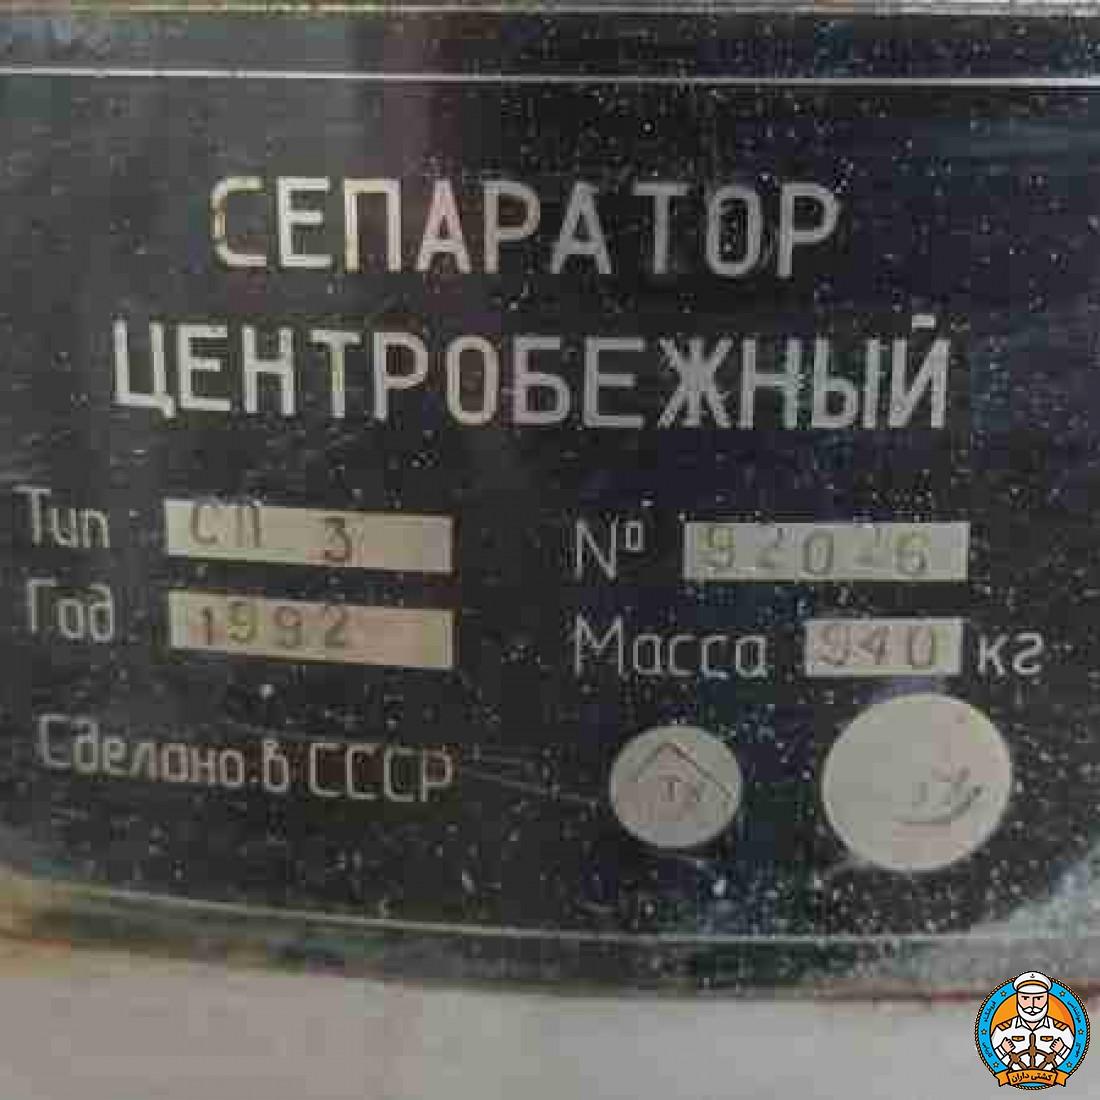 فروش دستگاه تصویه سوخت سنگین